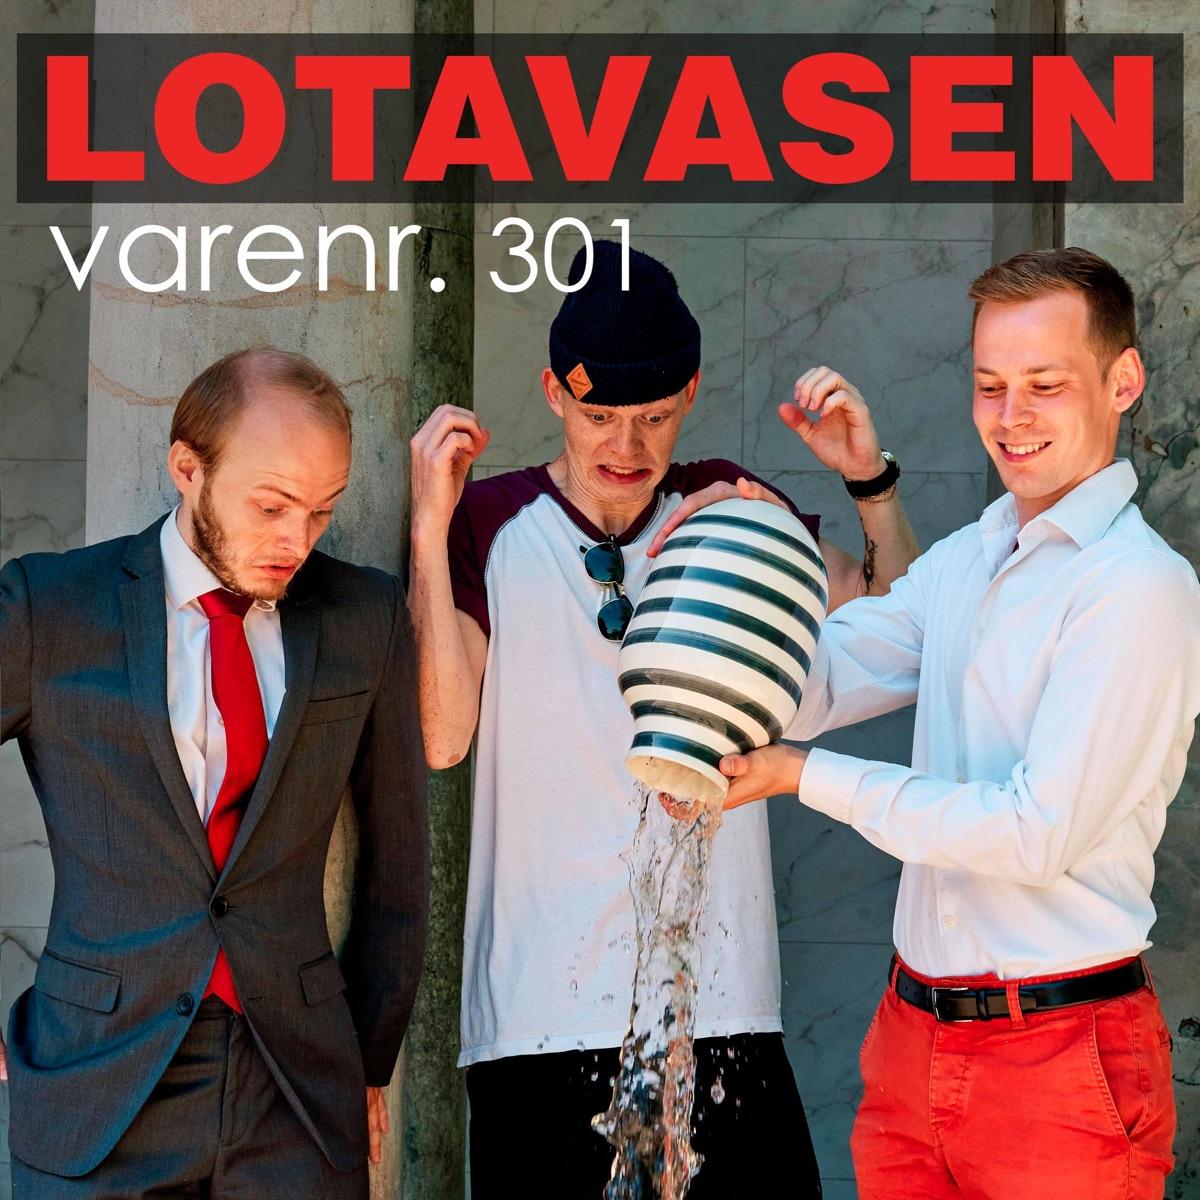 Lotavasen